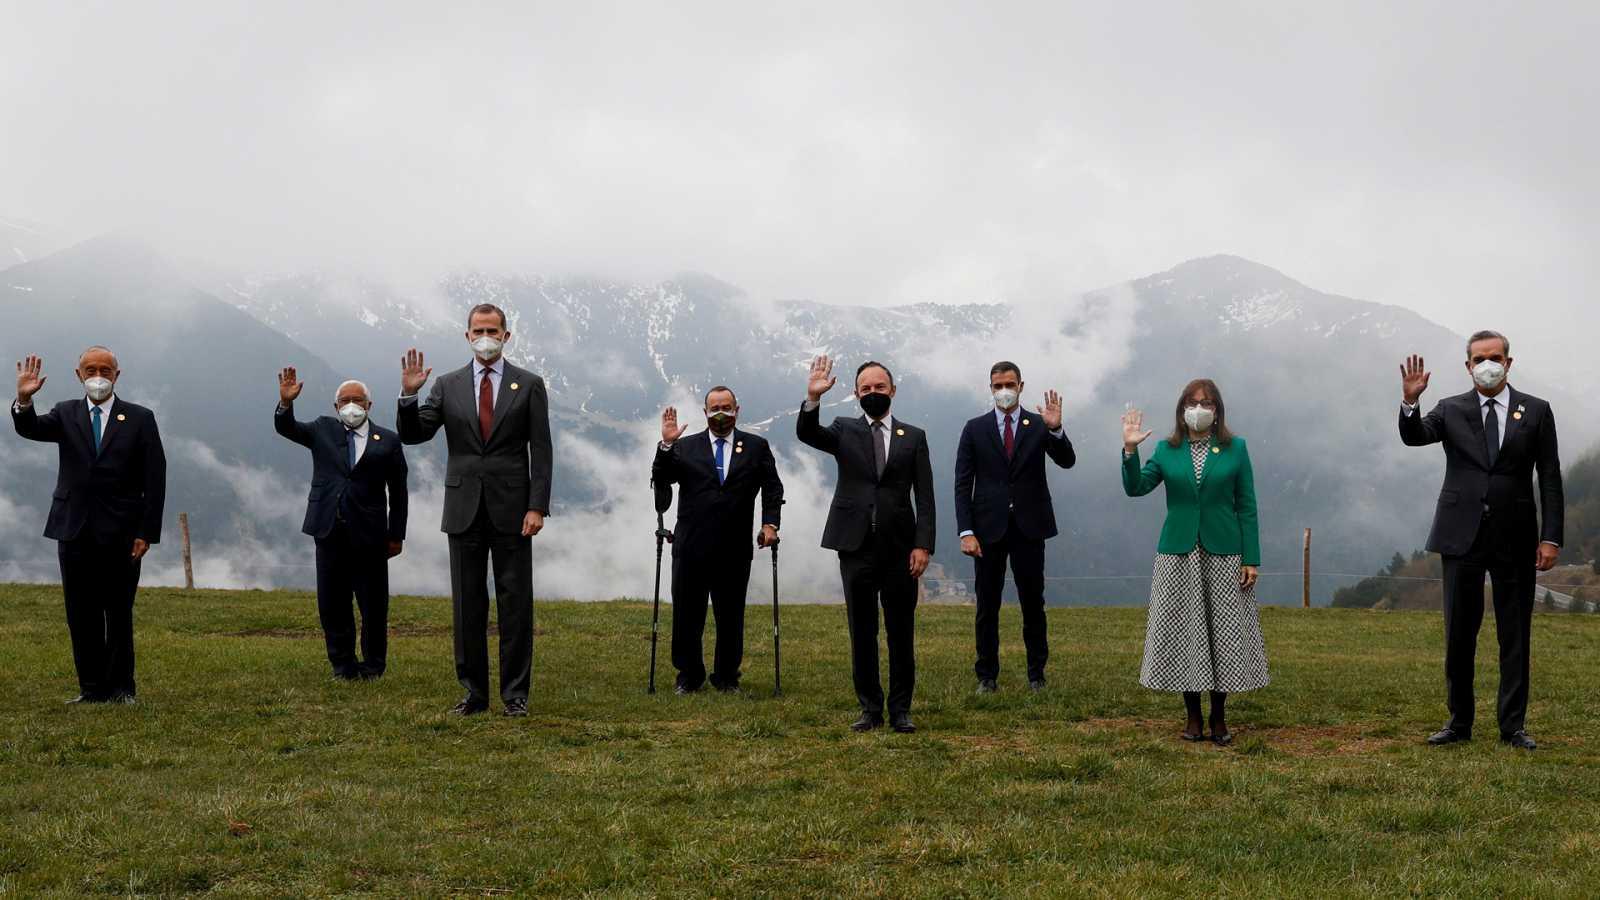 Hora América - La Cumbre Iberoamericana pide un acceso equitativo y universal a las vacunas - 22/04/21 - escuchar ahora